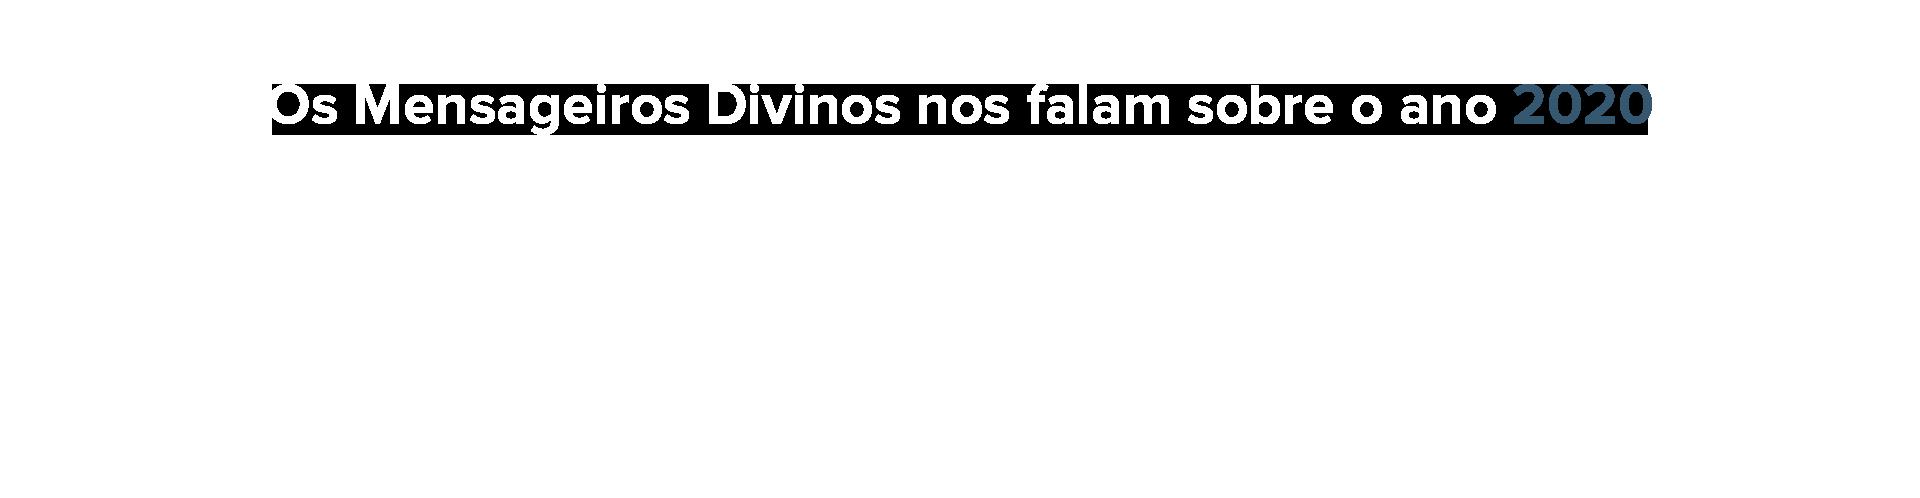 os-mensageiros-divinos-pt.png